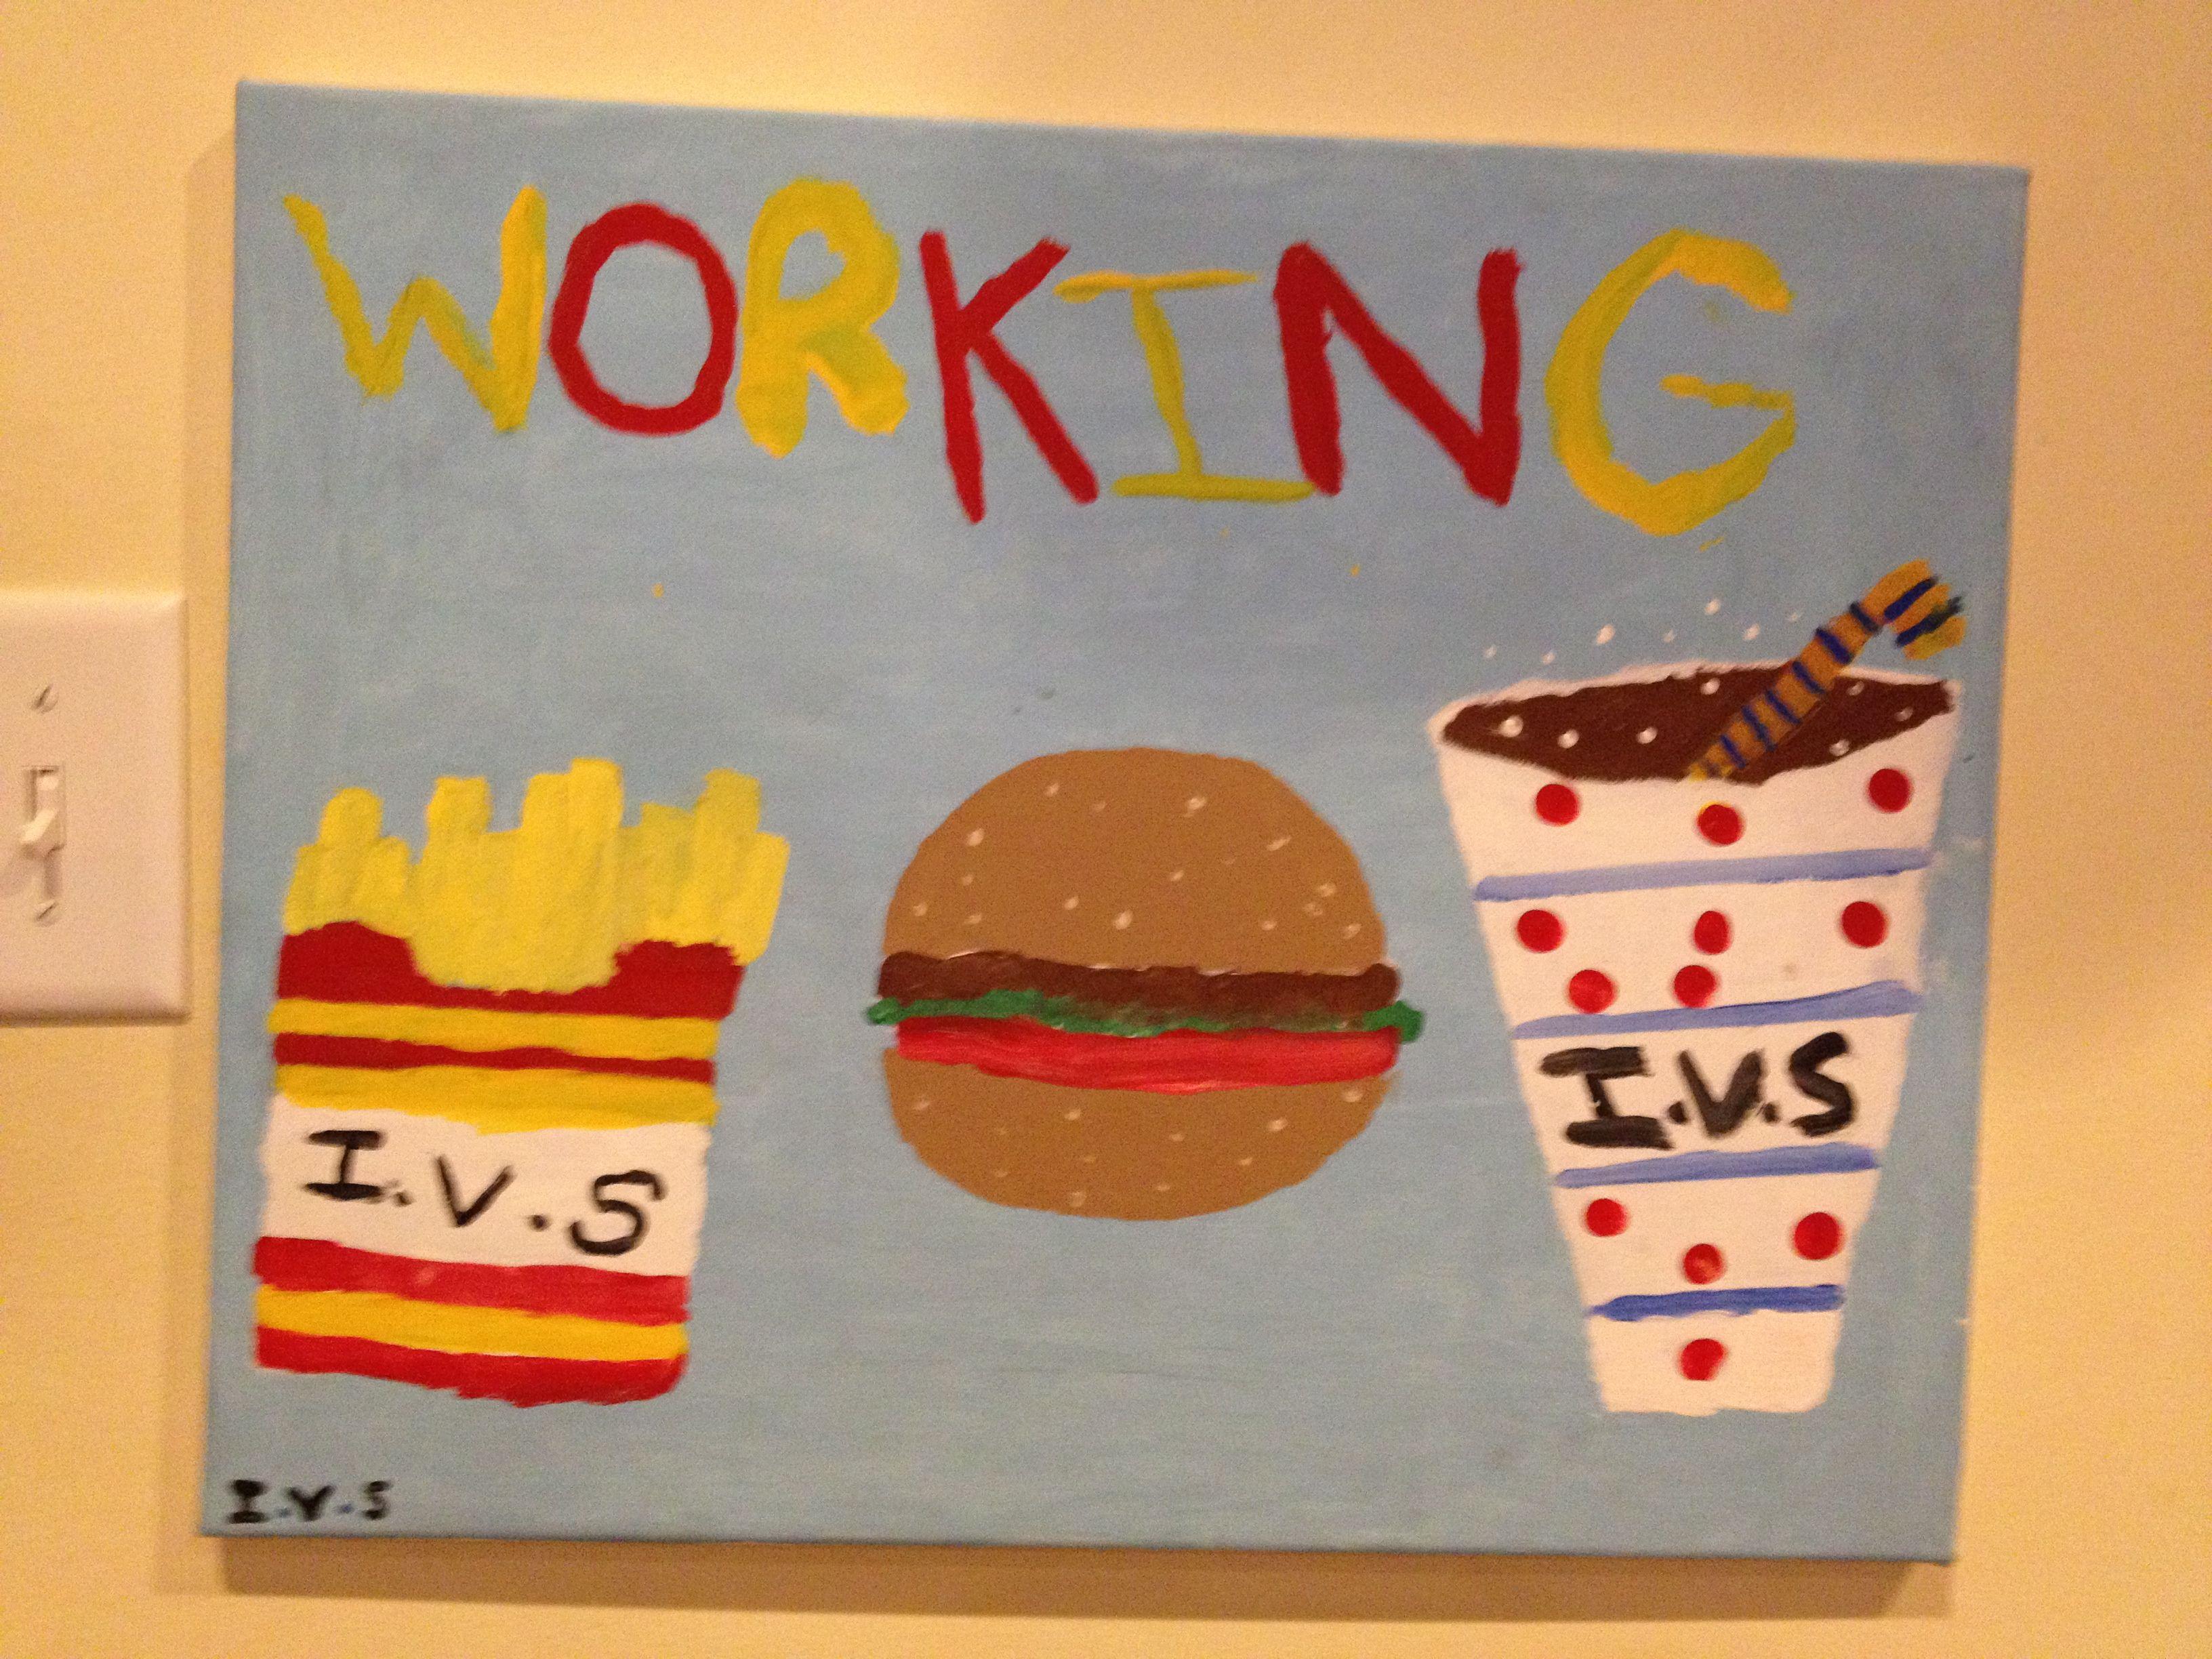 I.V.S FOOD